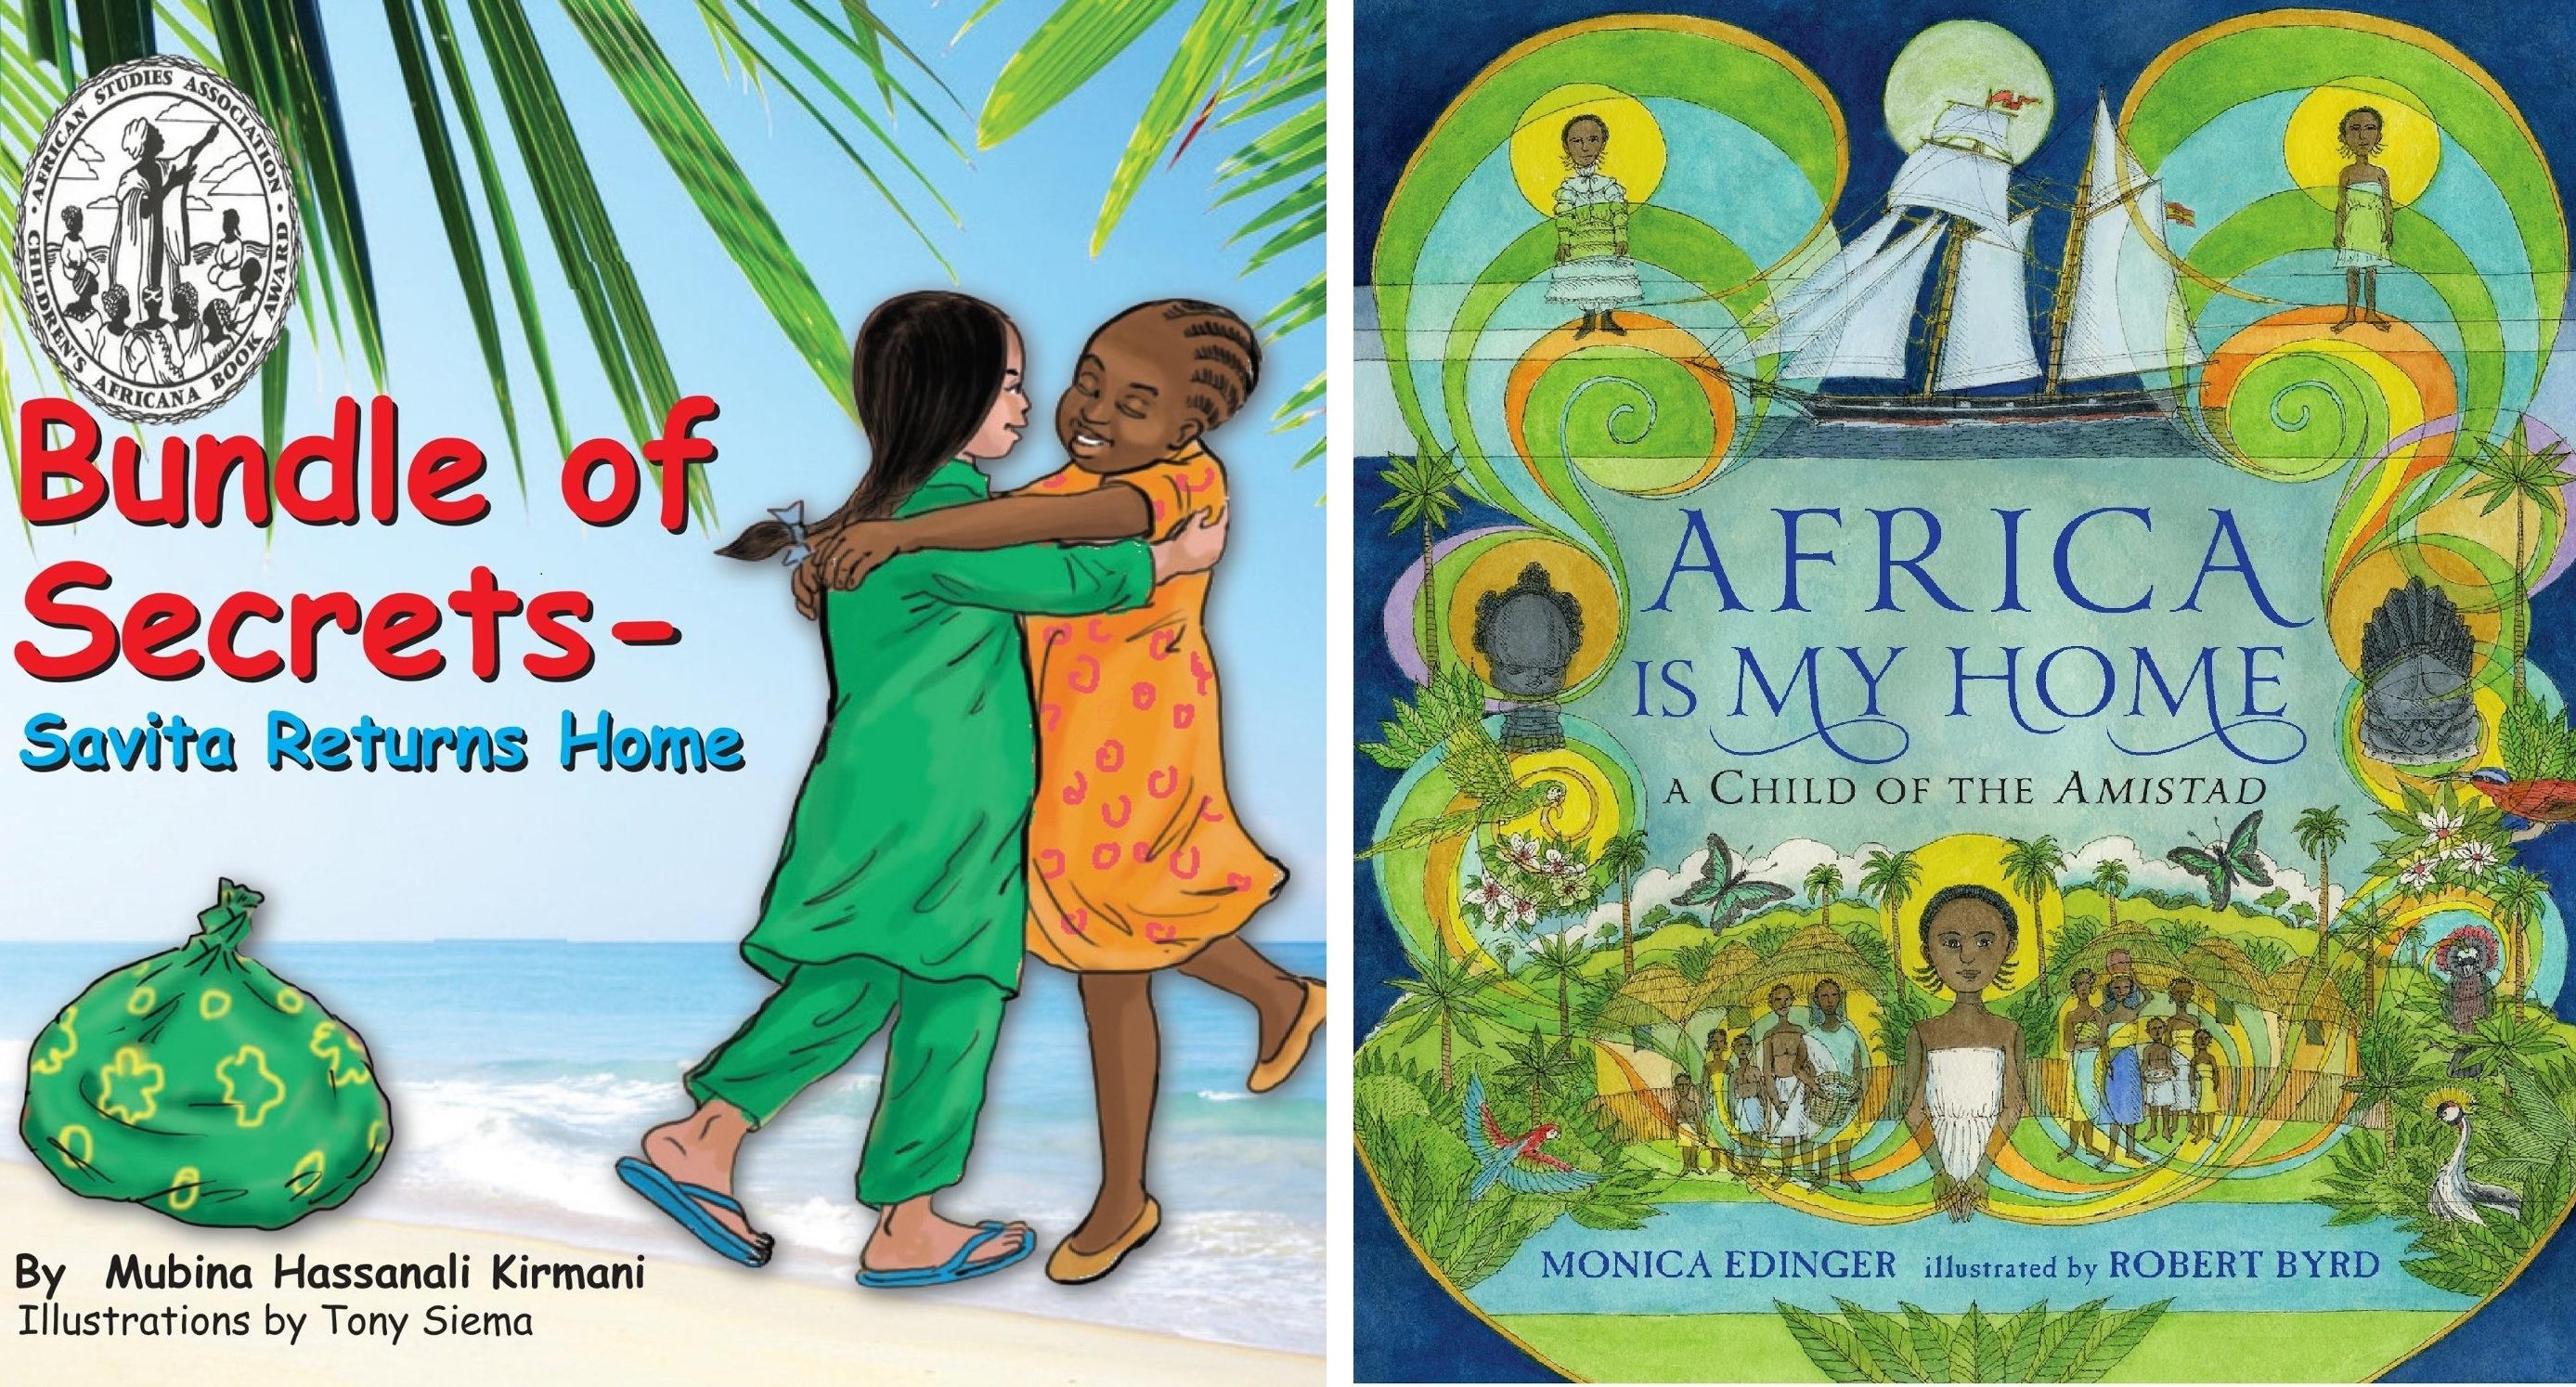 2017 Children's Africana Book Award Winners